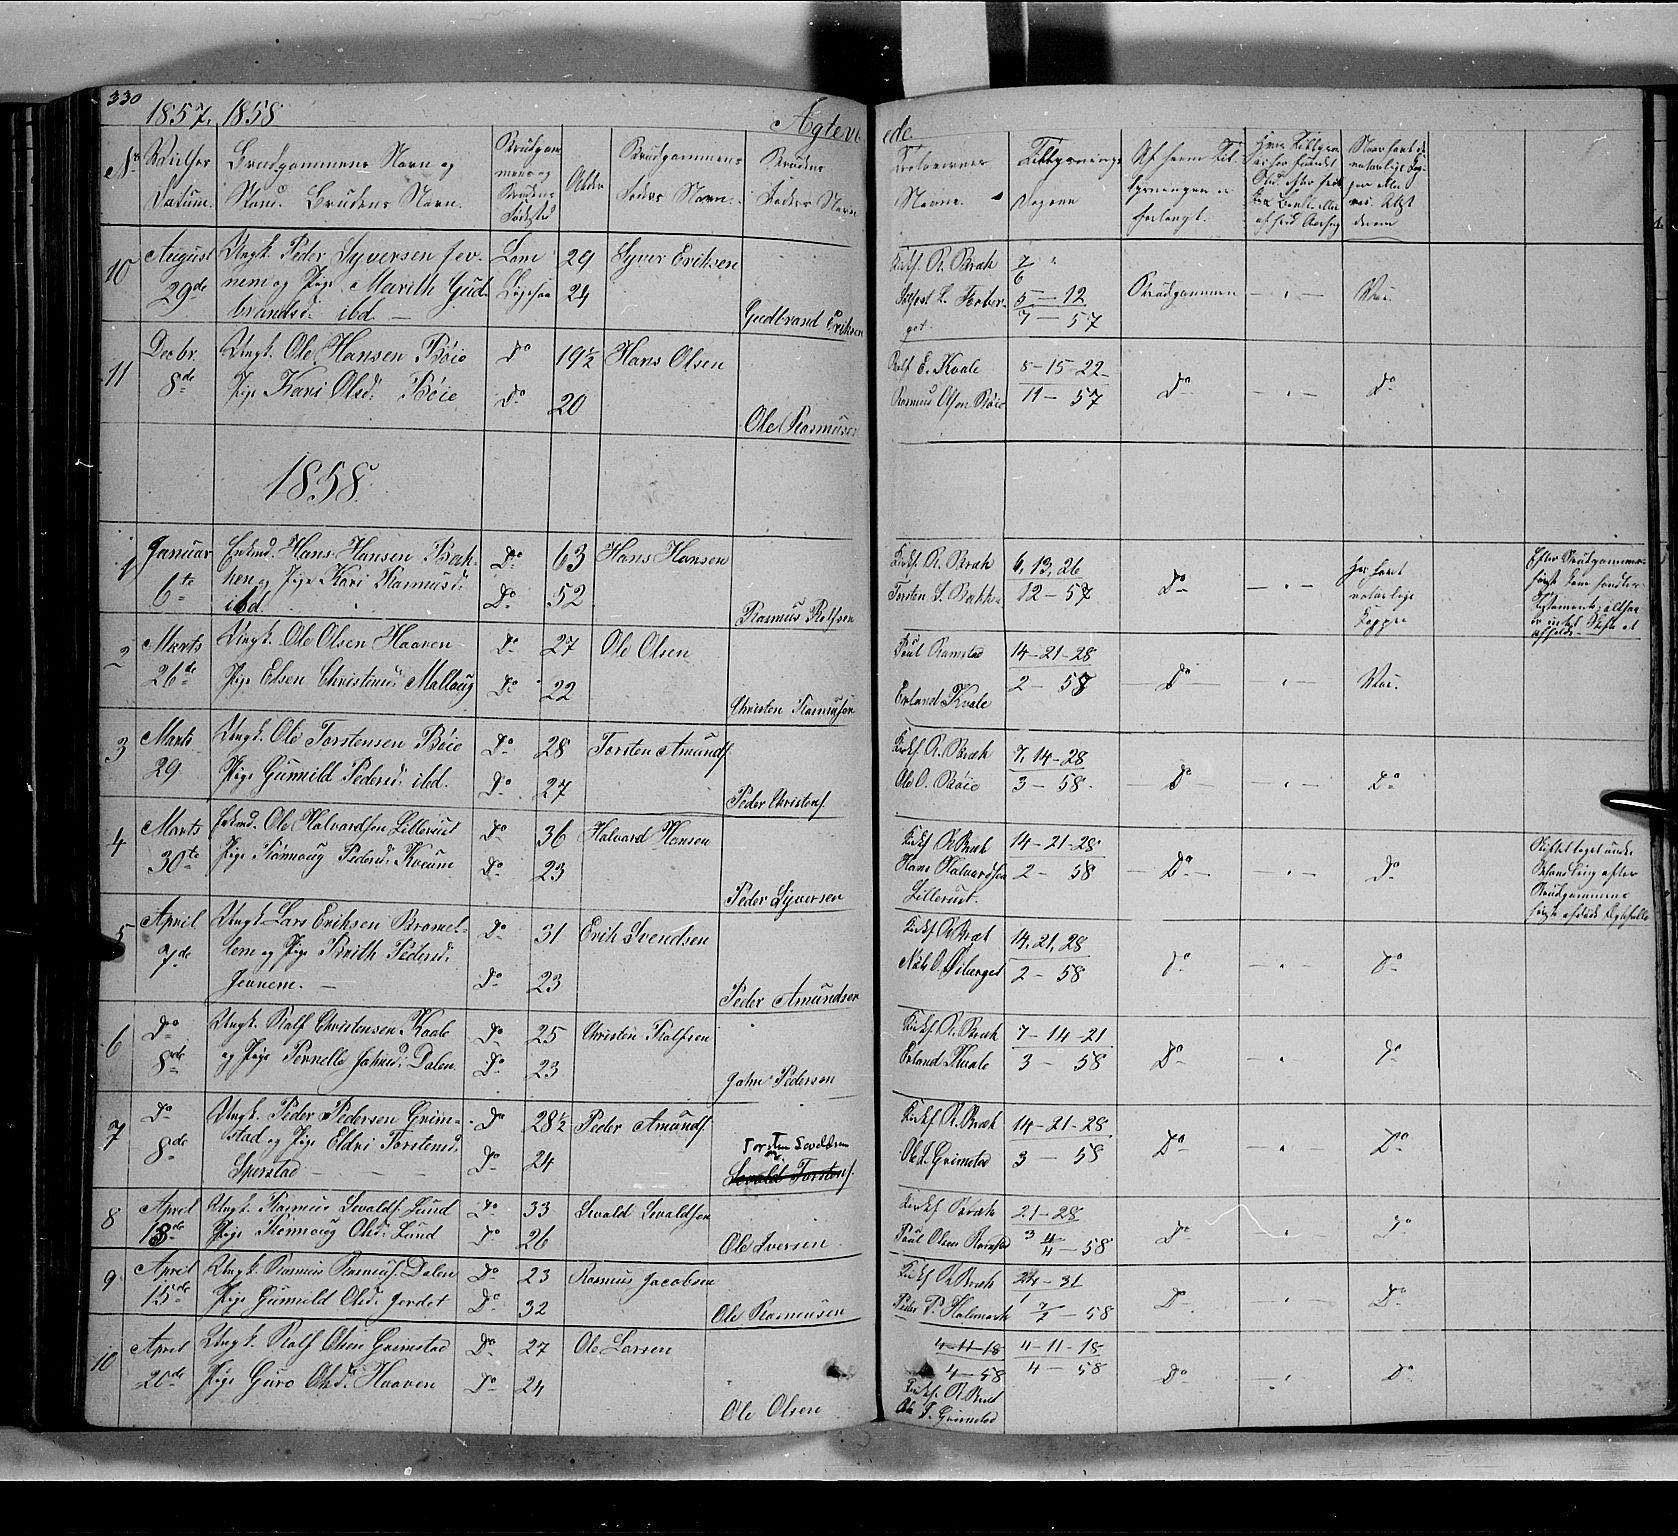 SAH, Lom prestekontor, L/L0004: Klokkerbok nr. 4, 1845-1864, s. 330-331